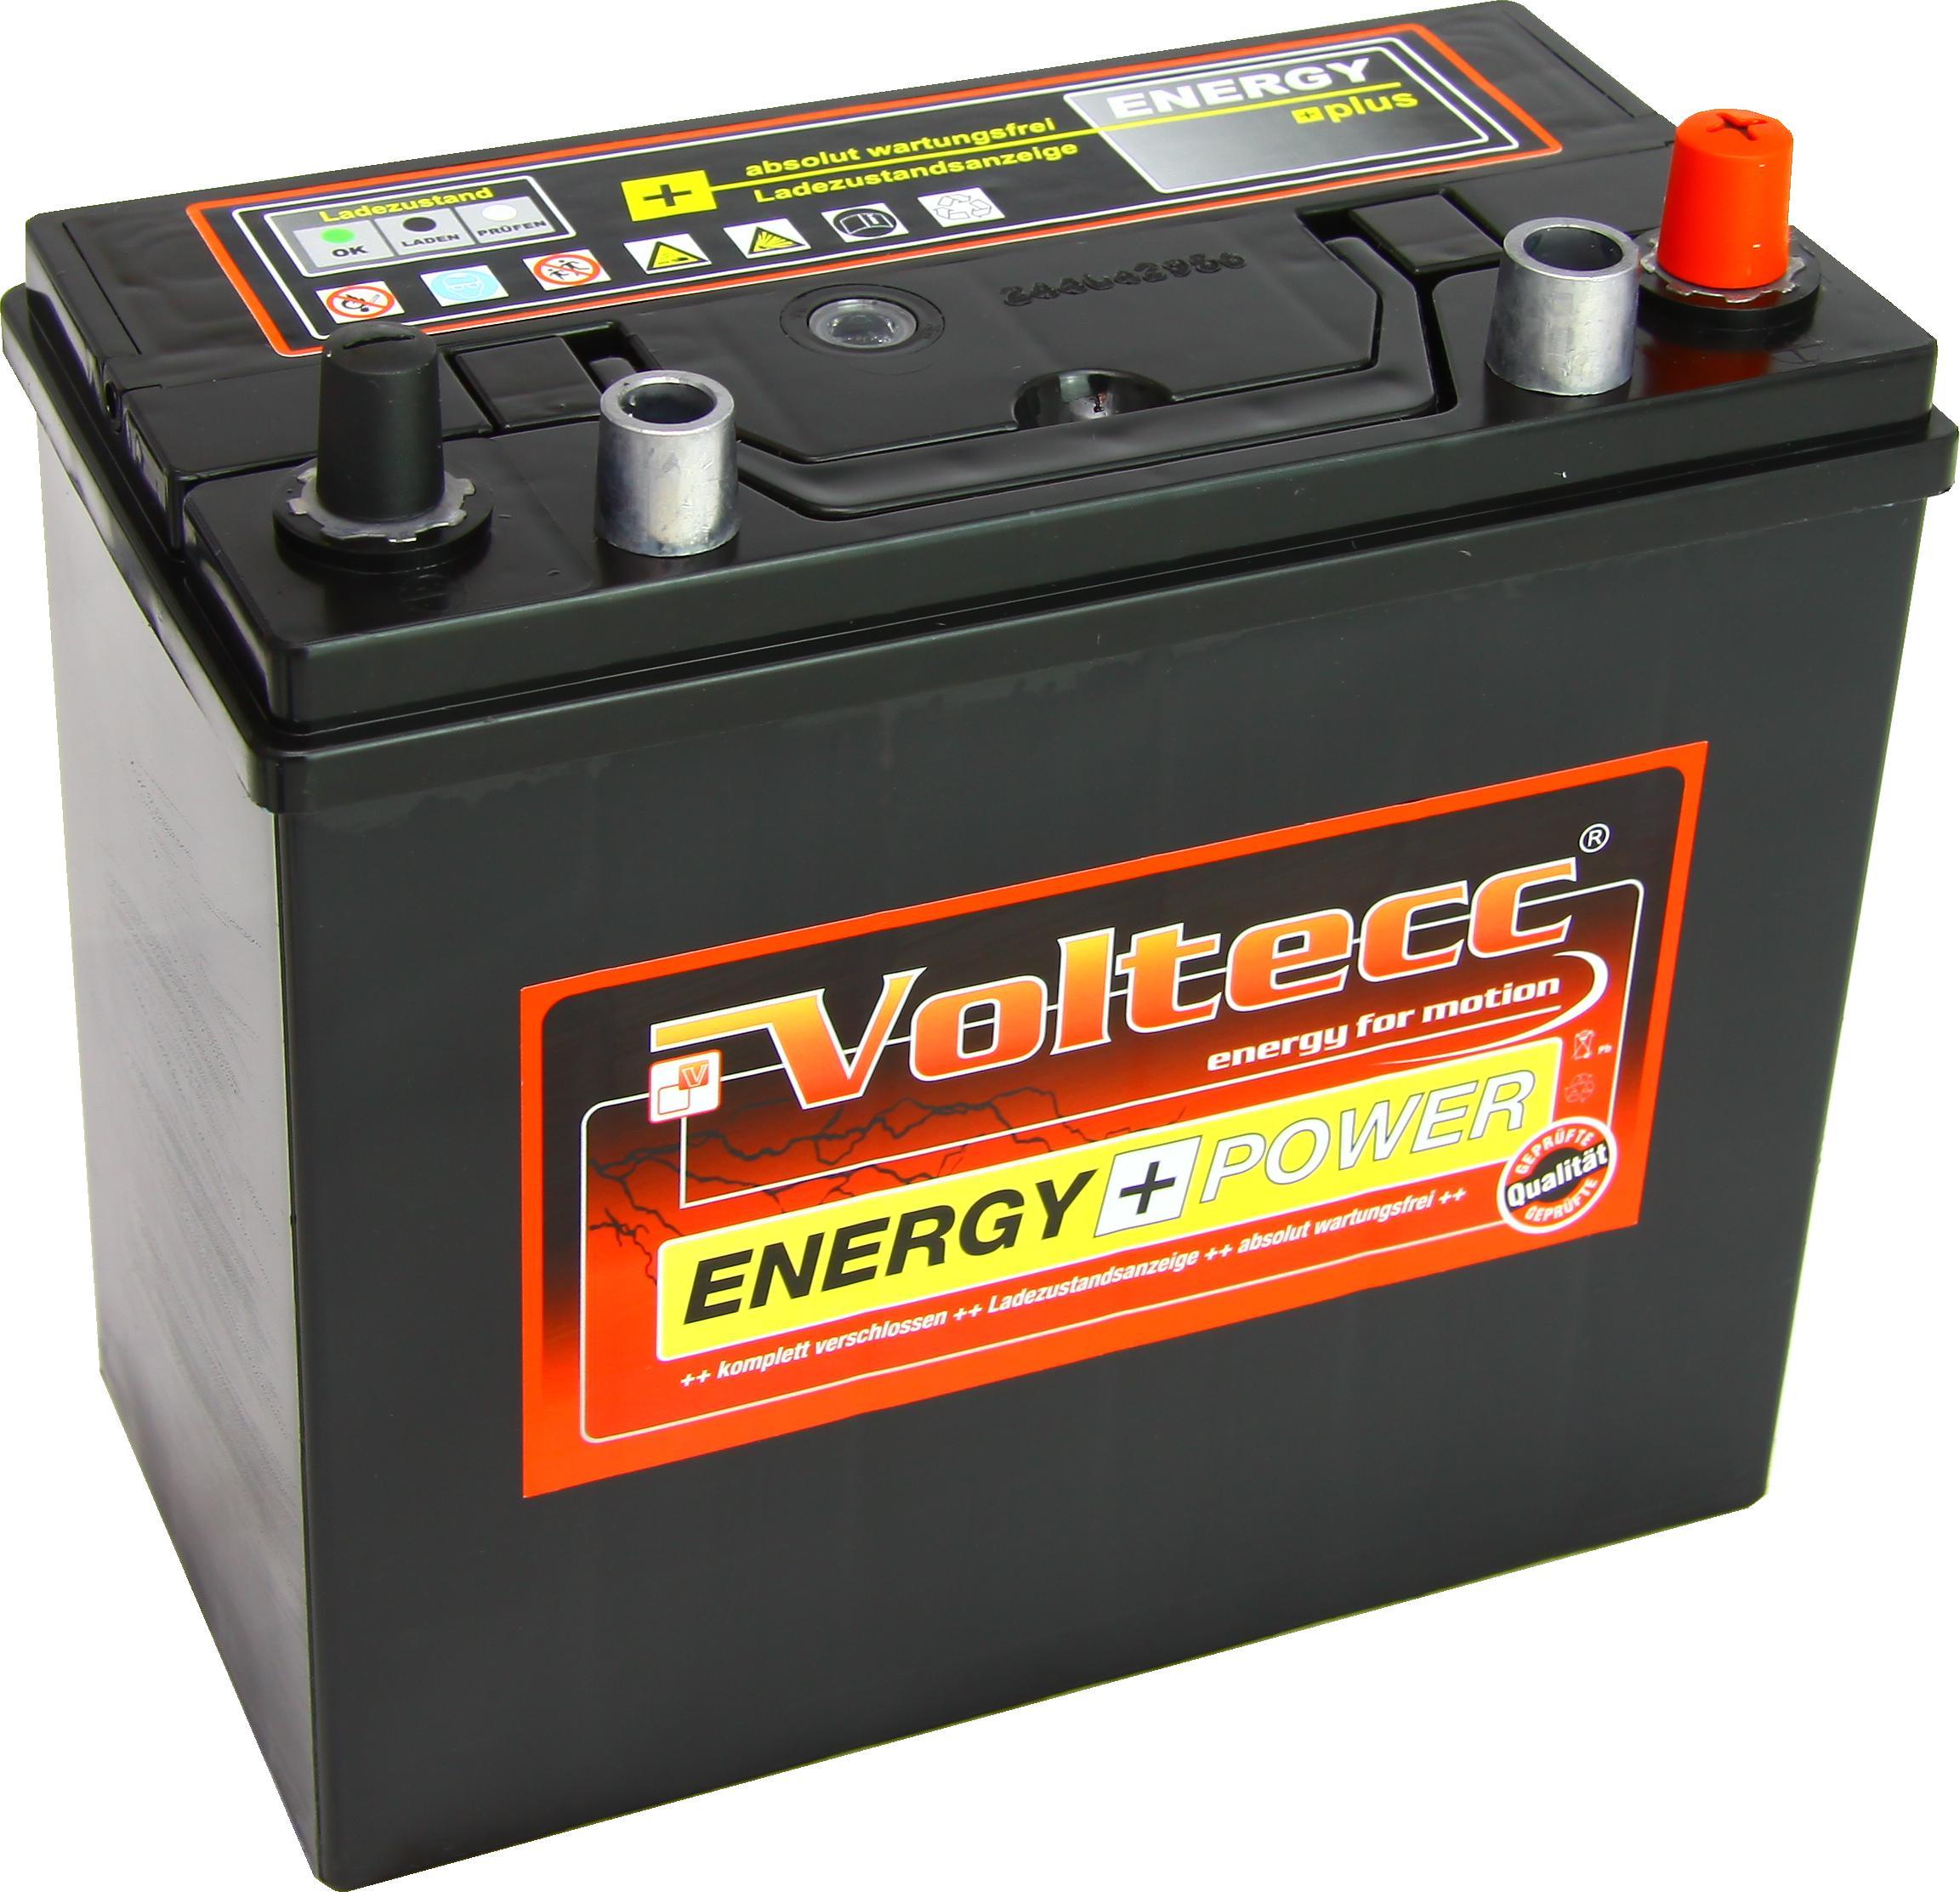 Voltecc Energy Asia 54523 12V 45Ah 360A